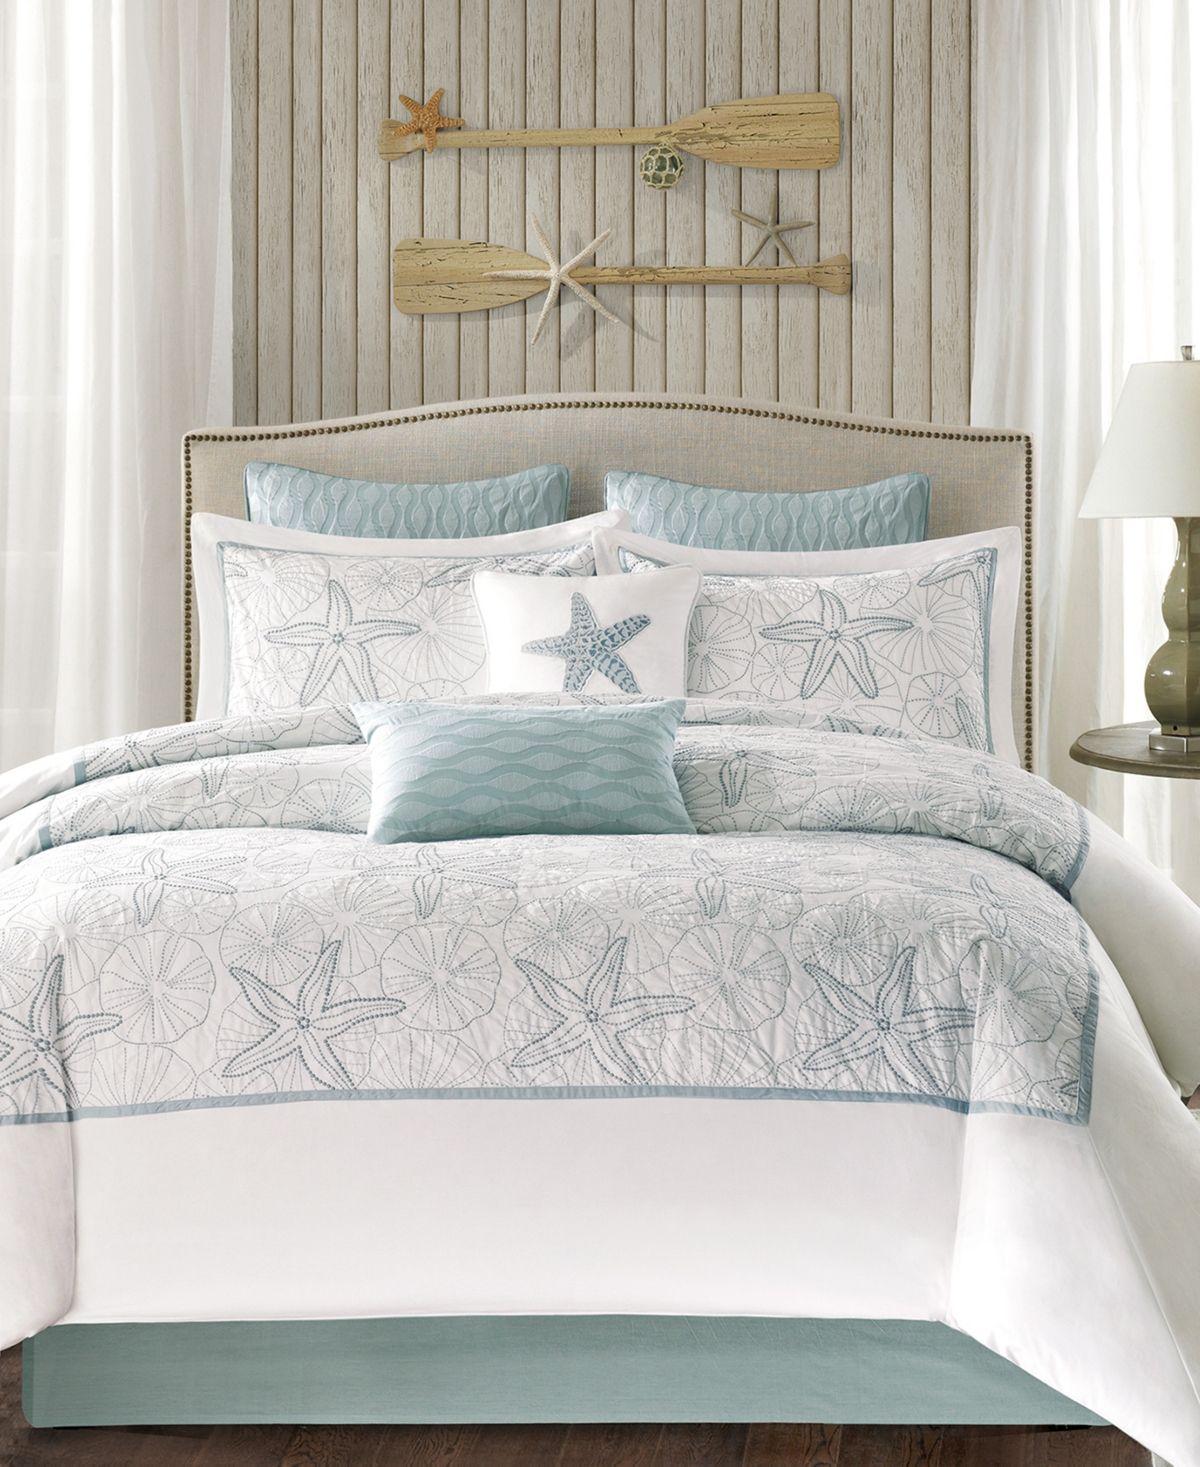 Harbor House Maya Bay Comforter Sets & Reviews Bedding